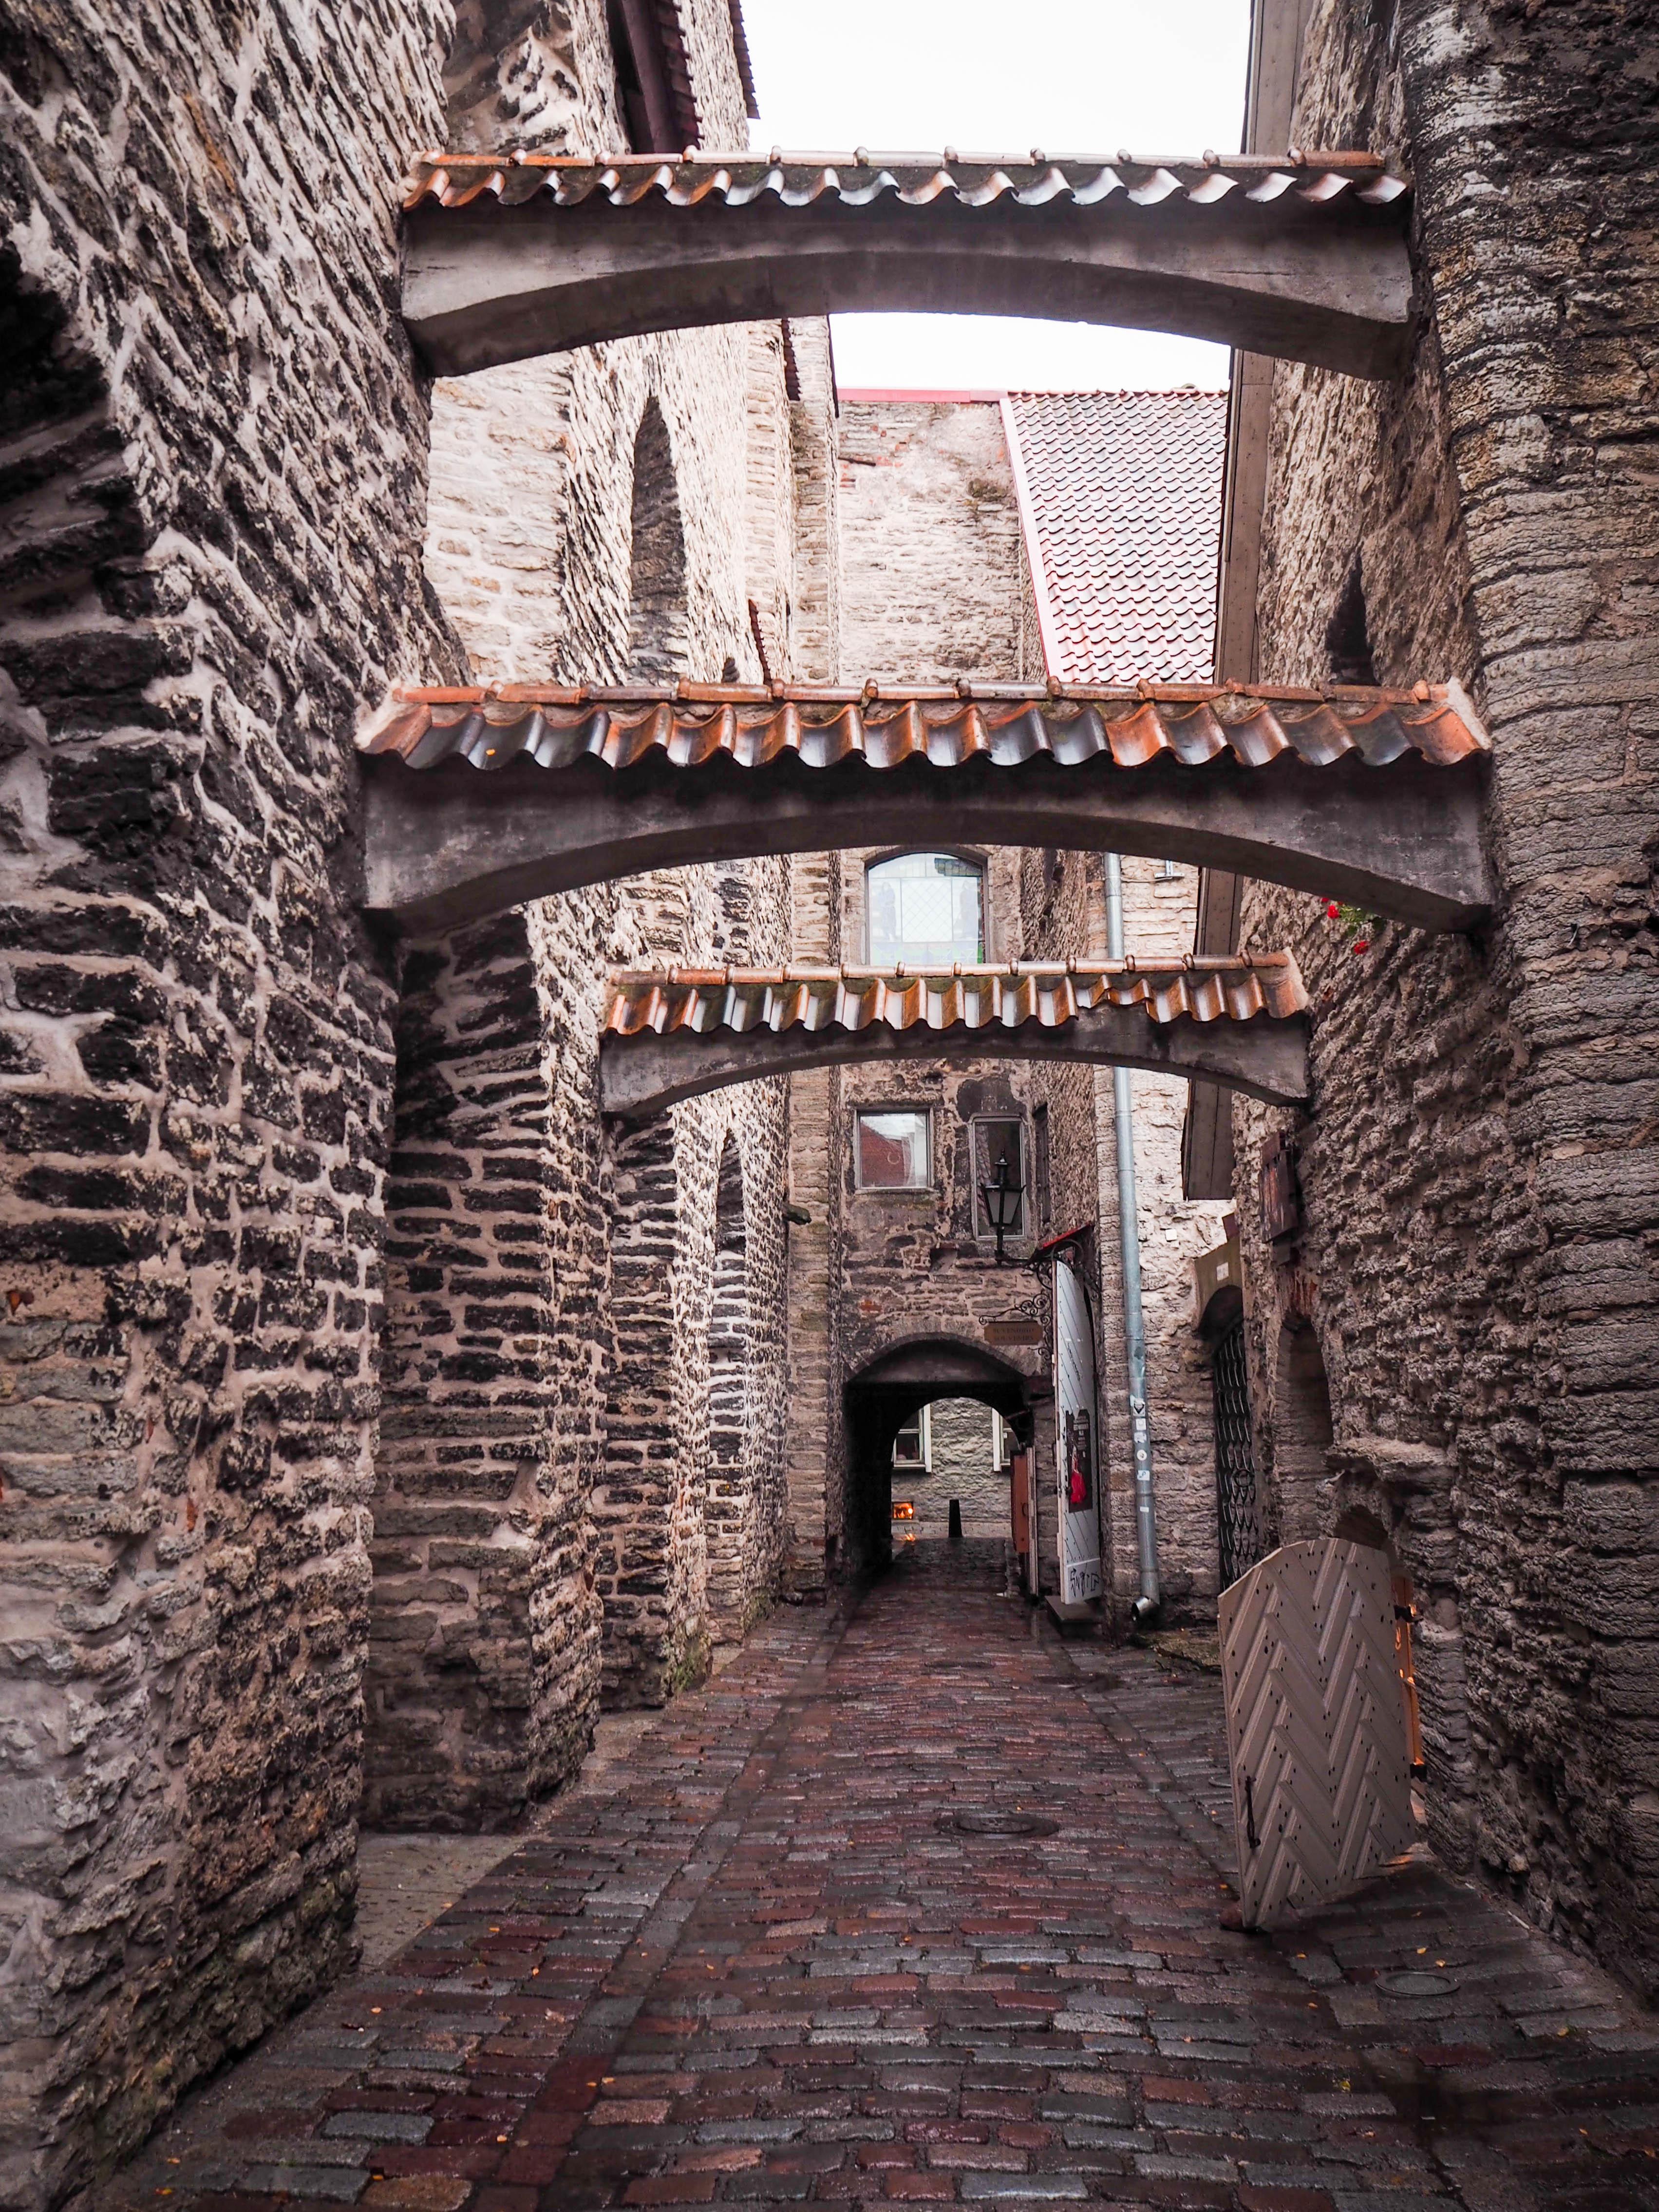 St. Catherine's Passage, Tallinn, Estonia